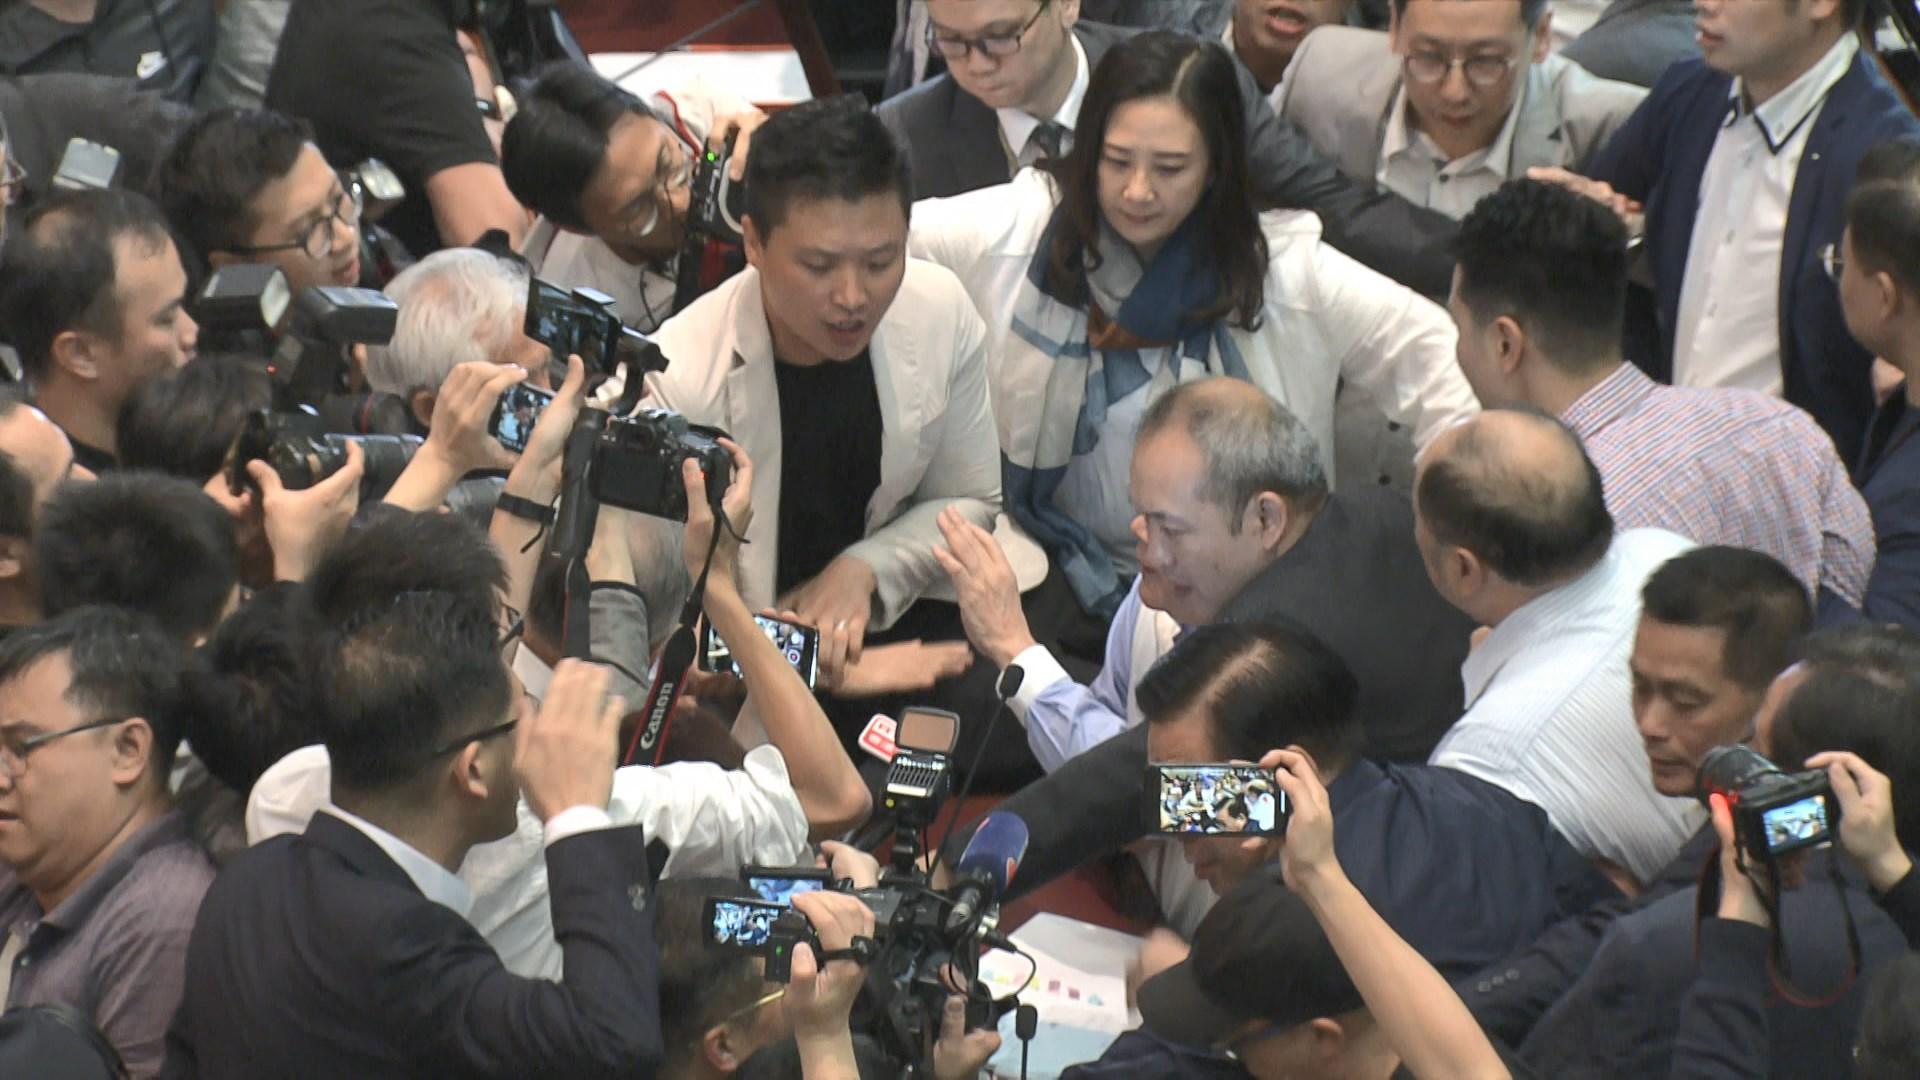 逃犯條例草案委員會混亂中選主席